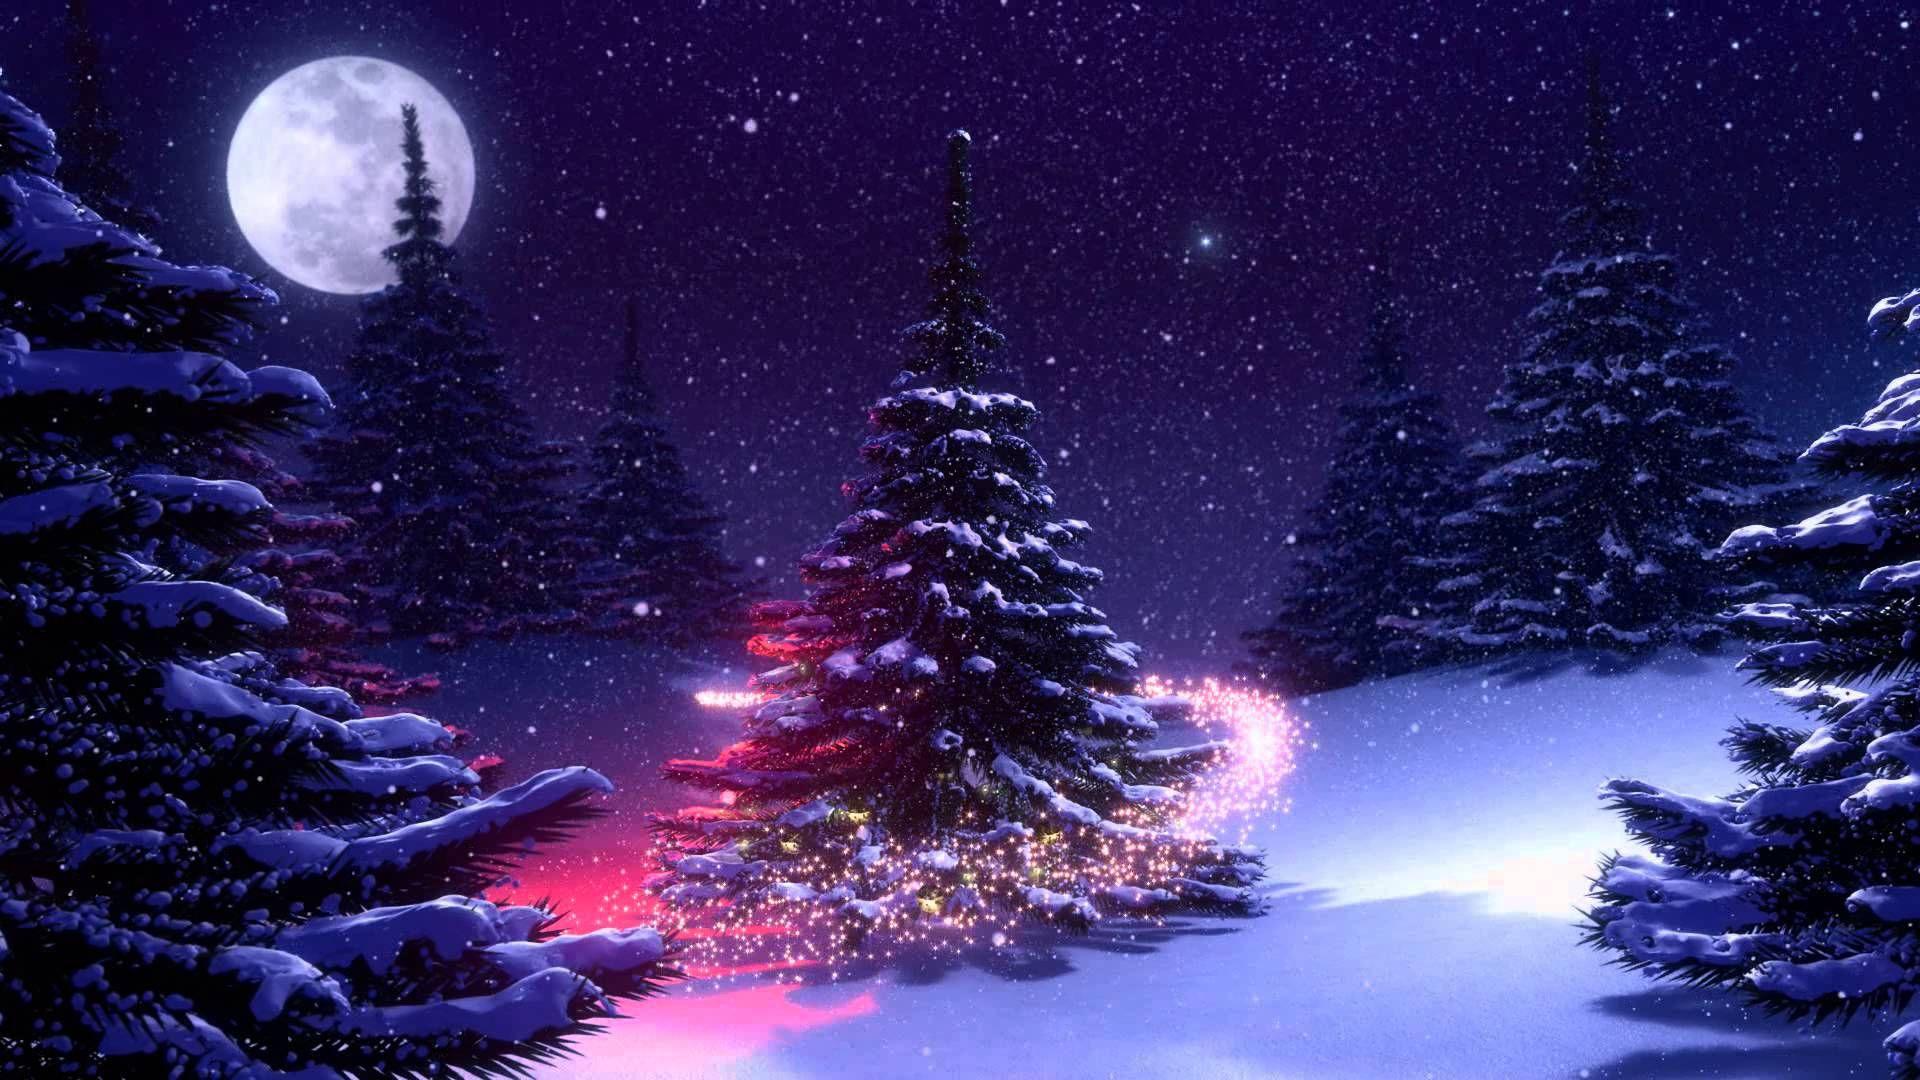 Arreglos De La Navidad Ultra Hd Wallpapers Fondos De: Fondos Animados Árbol De Navidad Nieve Full HD Animated